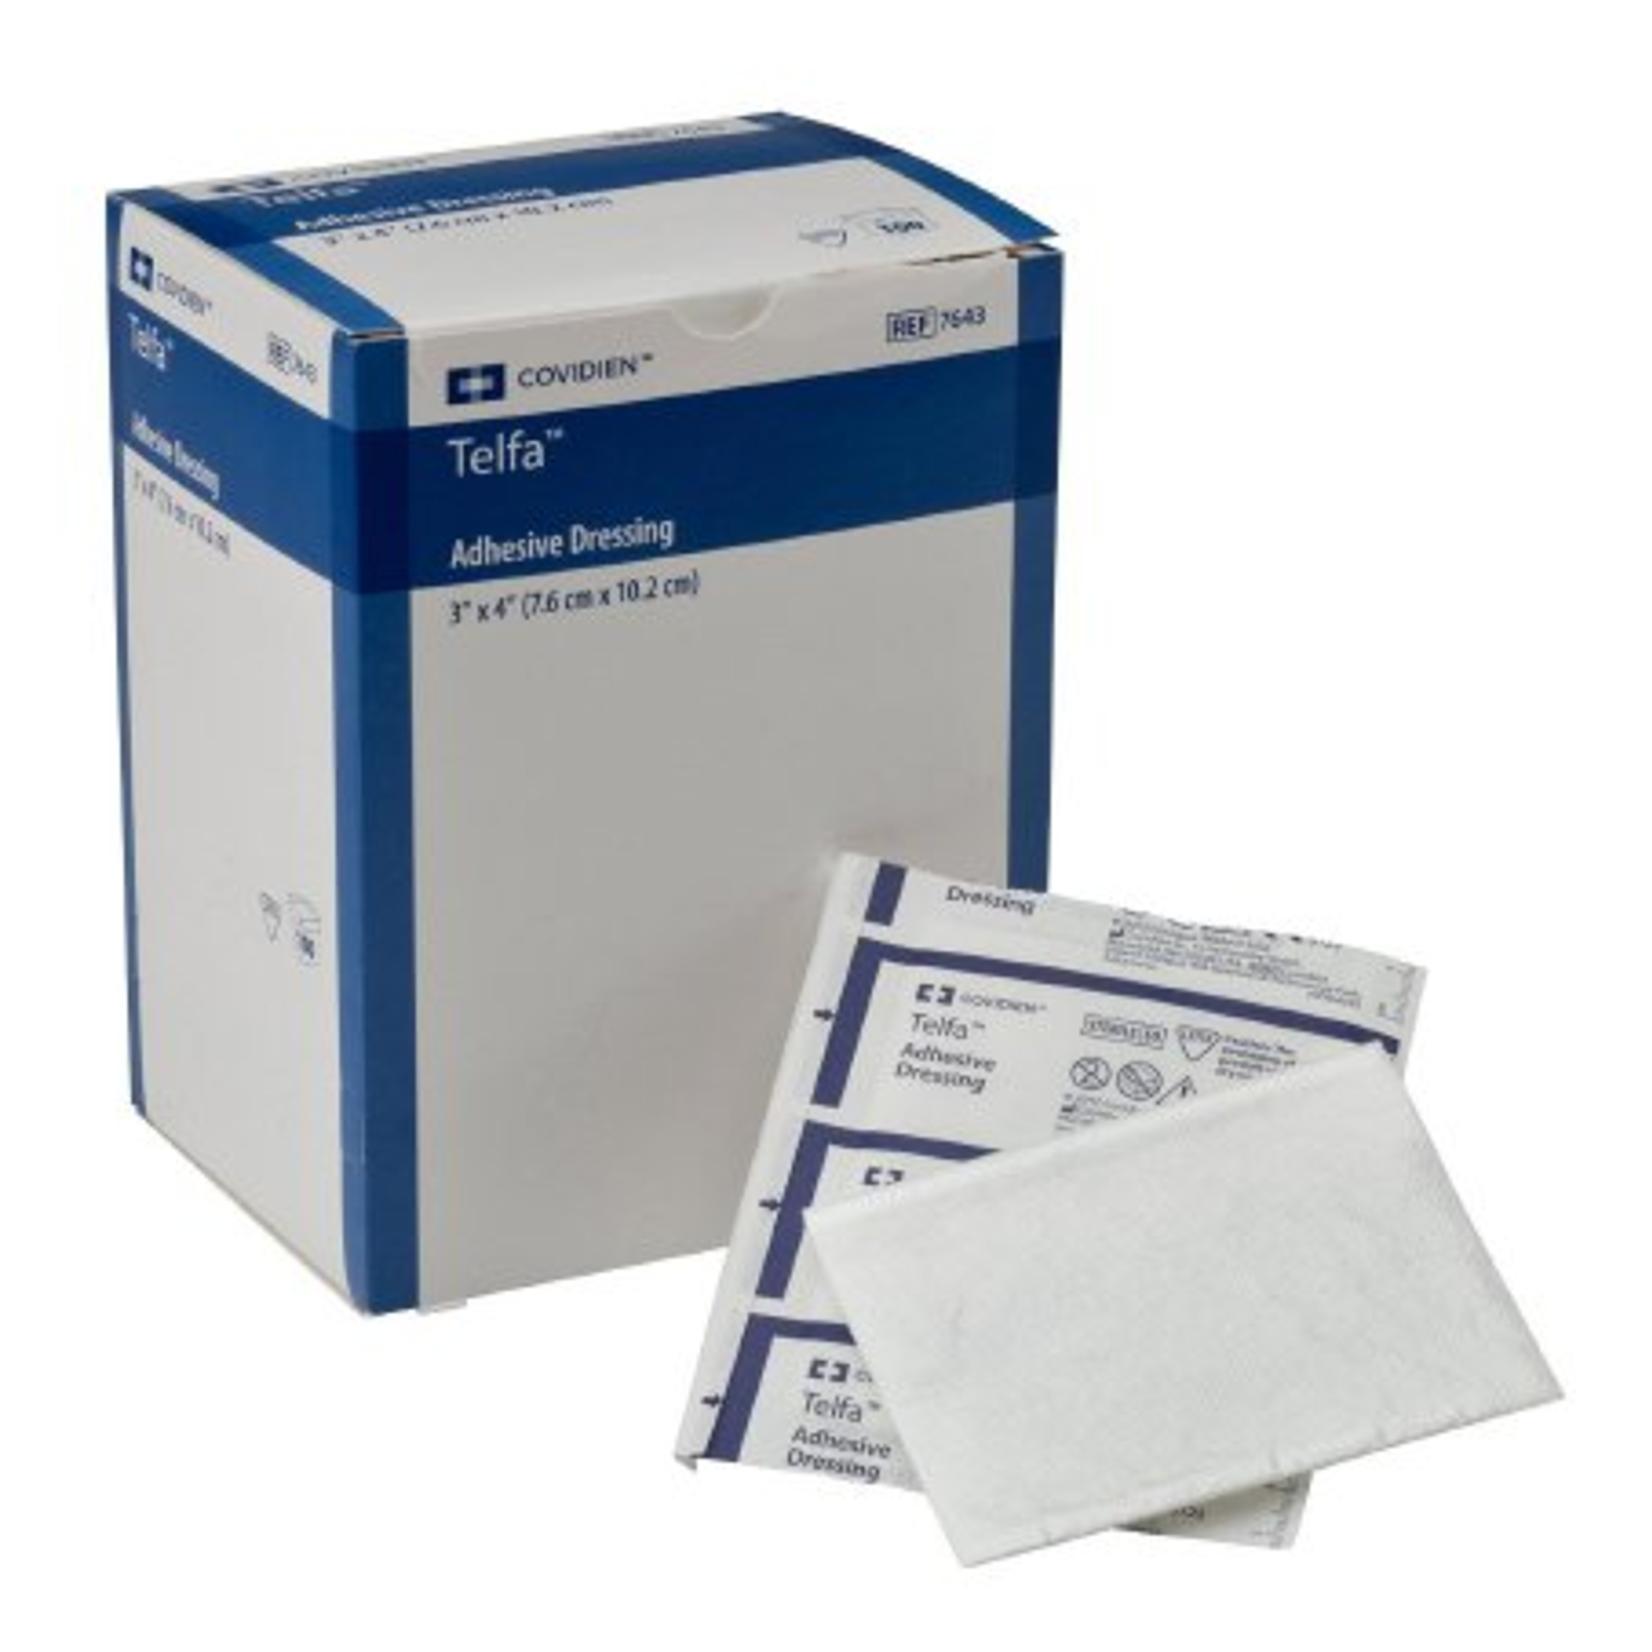 Telfa ADH Pad STL 3X4 (20 pack)